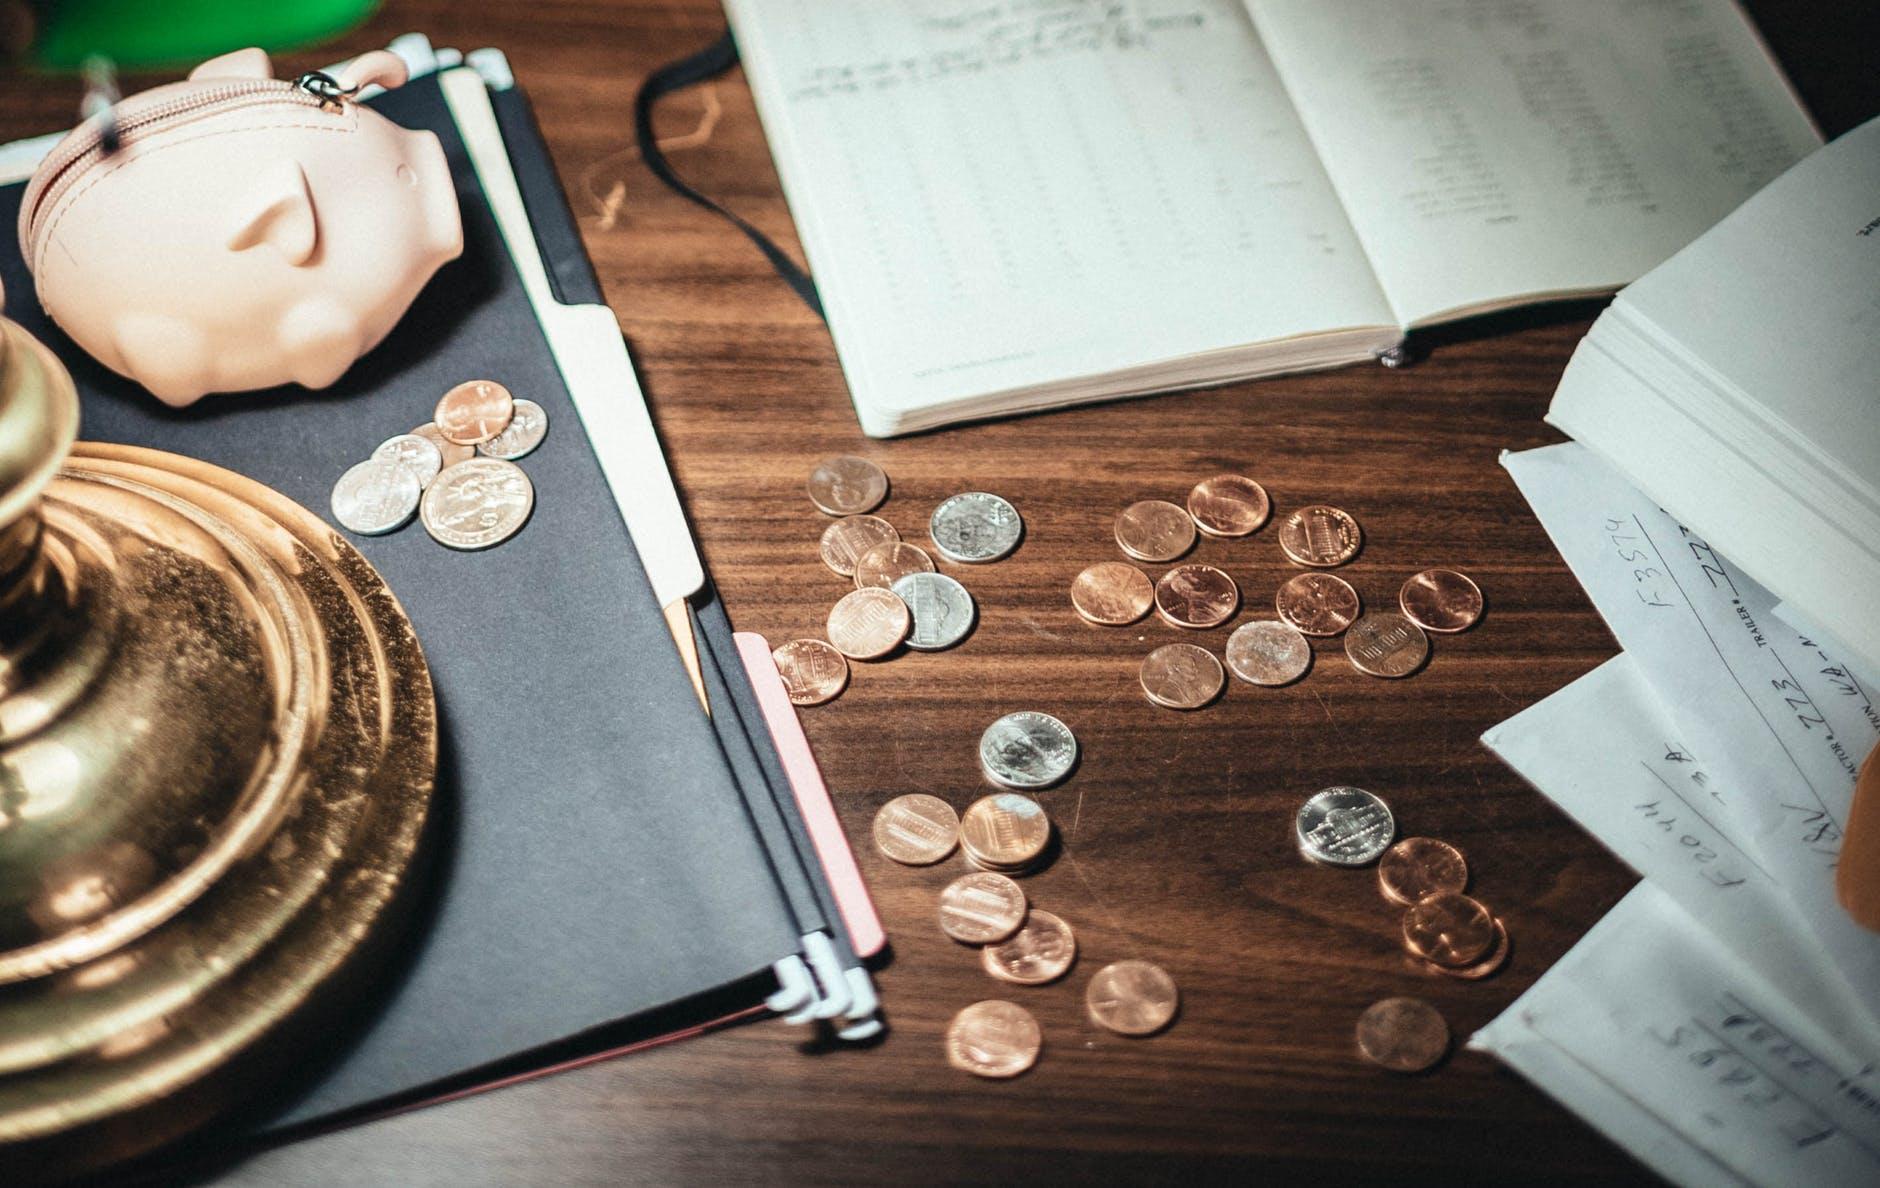 Cortar custos ou aumentar o preço: qual a melhor saída para ter maior receita?